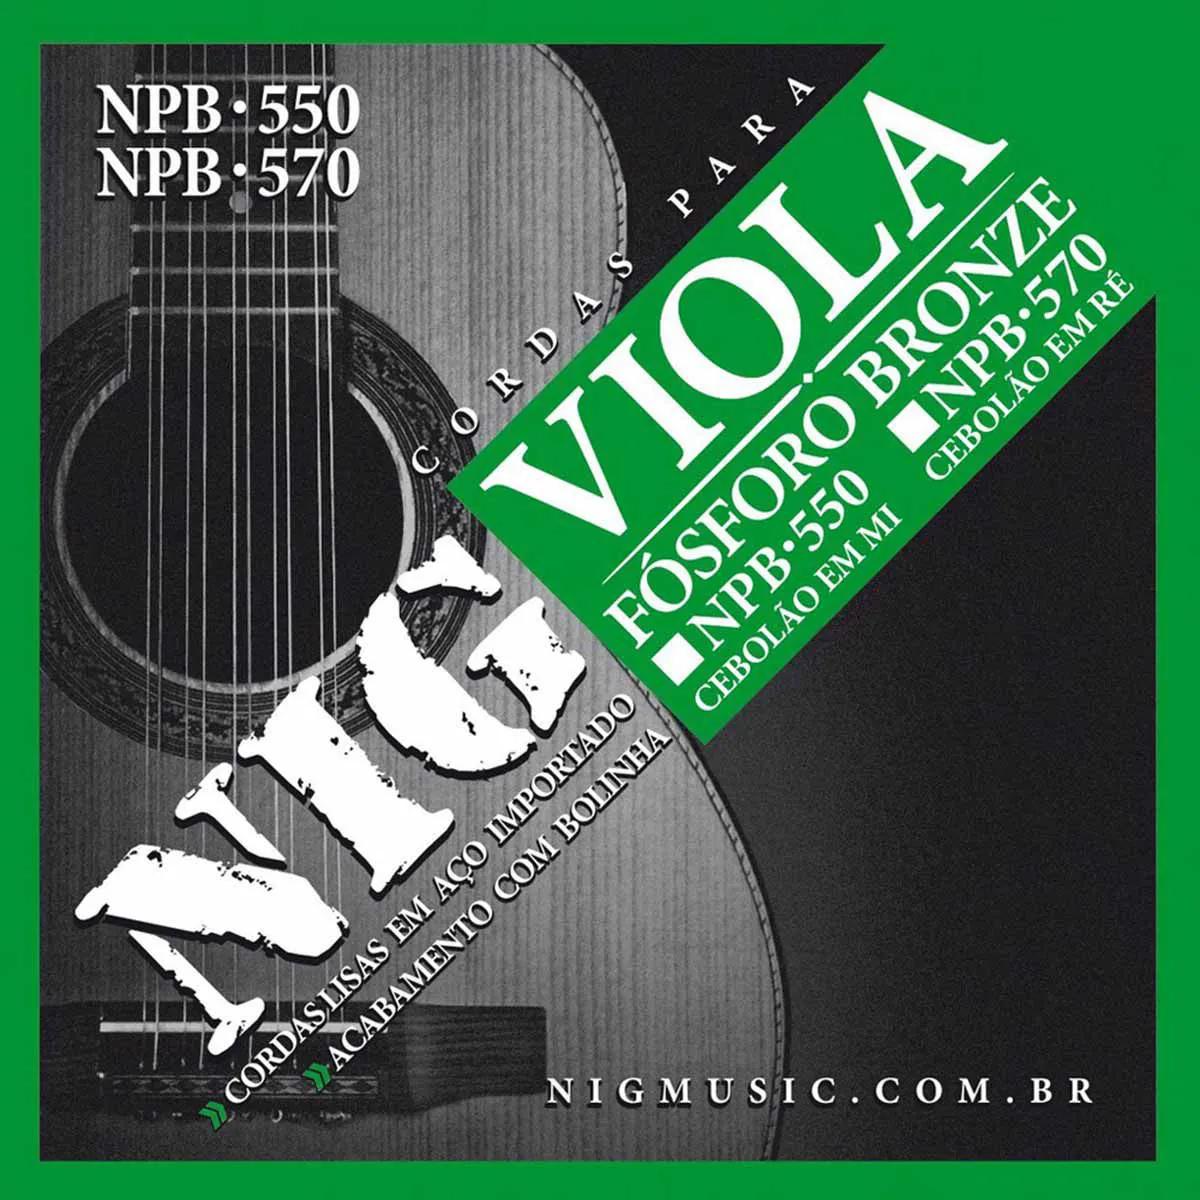 Encordoamento Nig Série NPB-570 Cebolão Em Ré para Viola